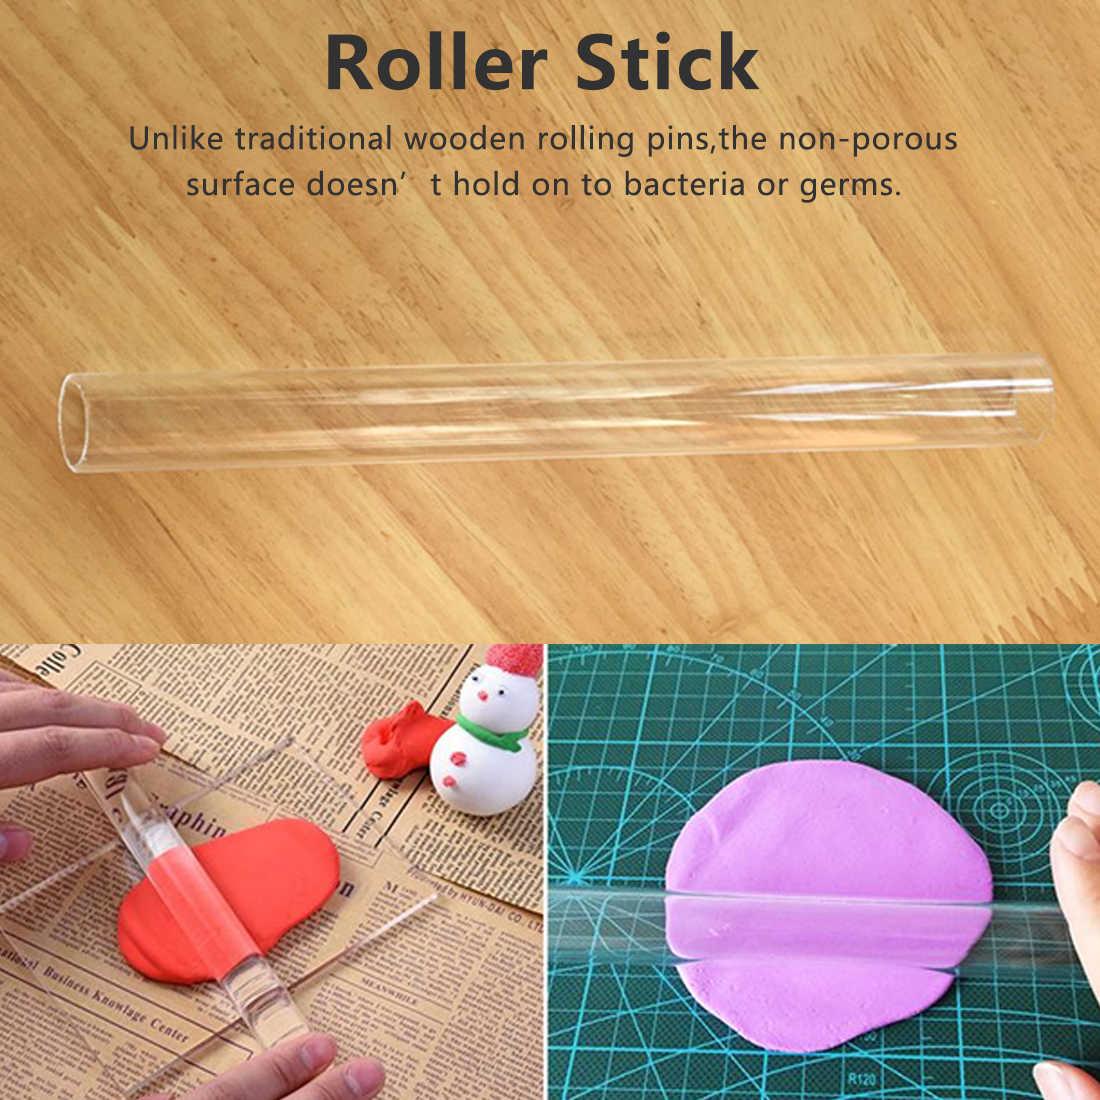 Full Size of Miniküche Roller Skulptur Polymer Clay Druck Stick Diy Mini Kche Und Hause Regale Stengel Ikea Mit Kühlschrank Wohnzimmer Miniküche Roller